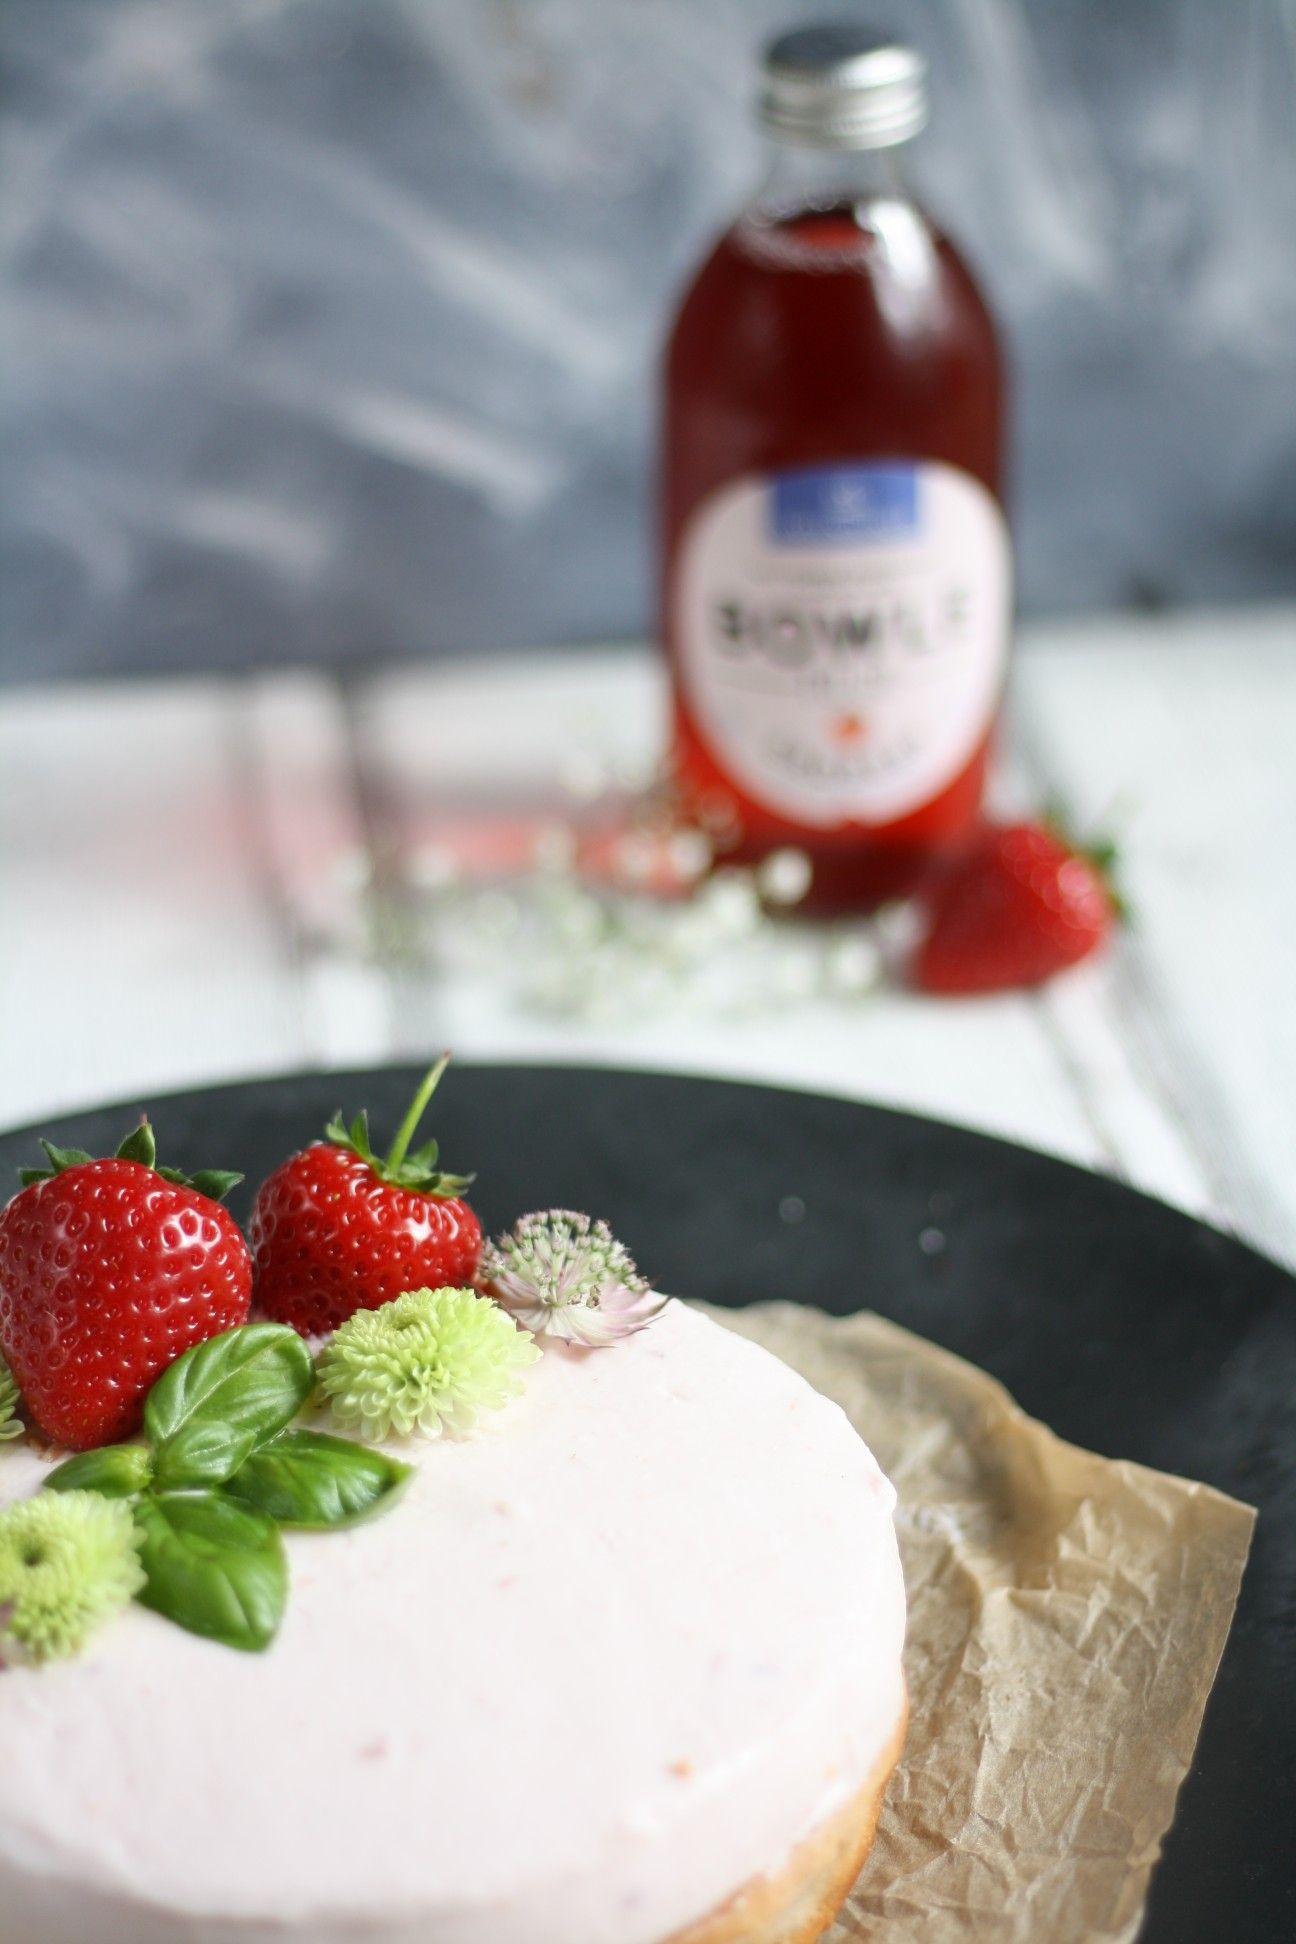 Erdbeerliebe in Form eines Mascarpone #nakedcakes